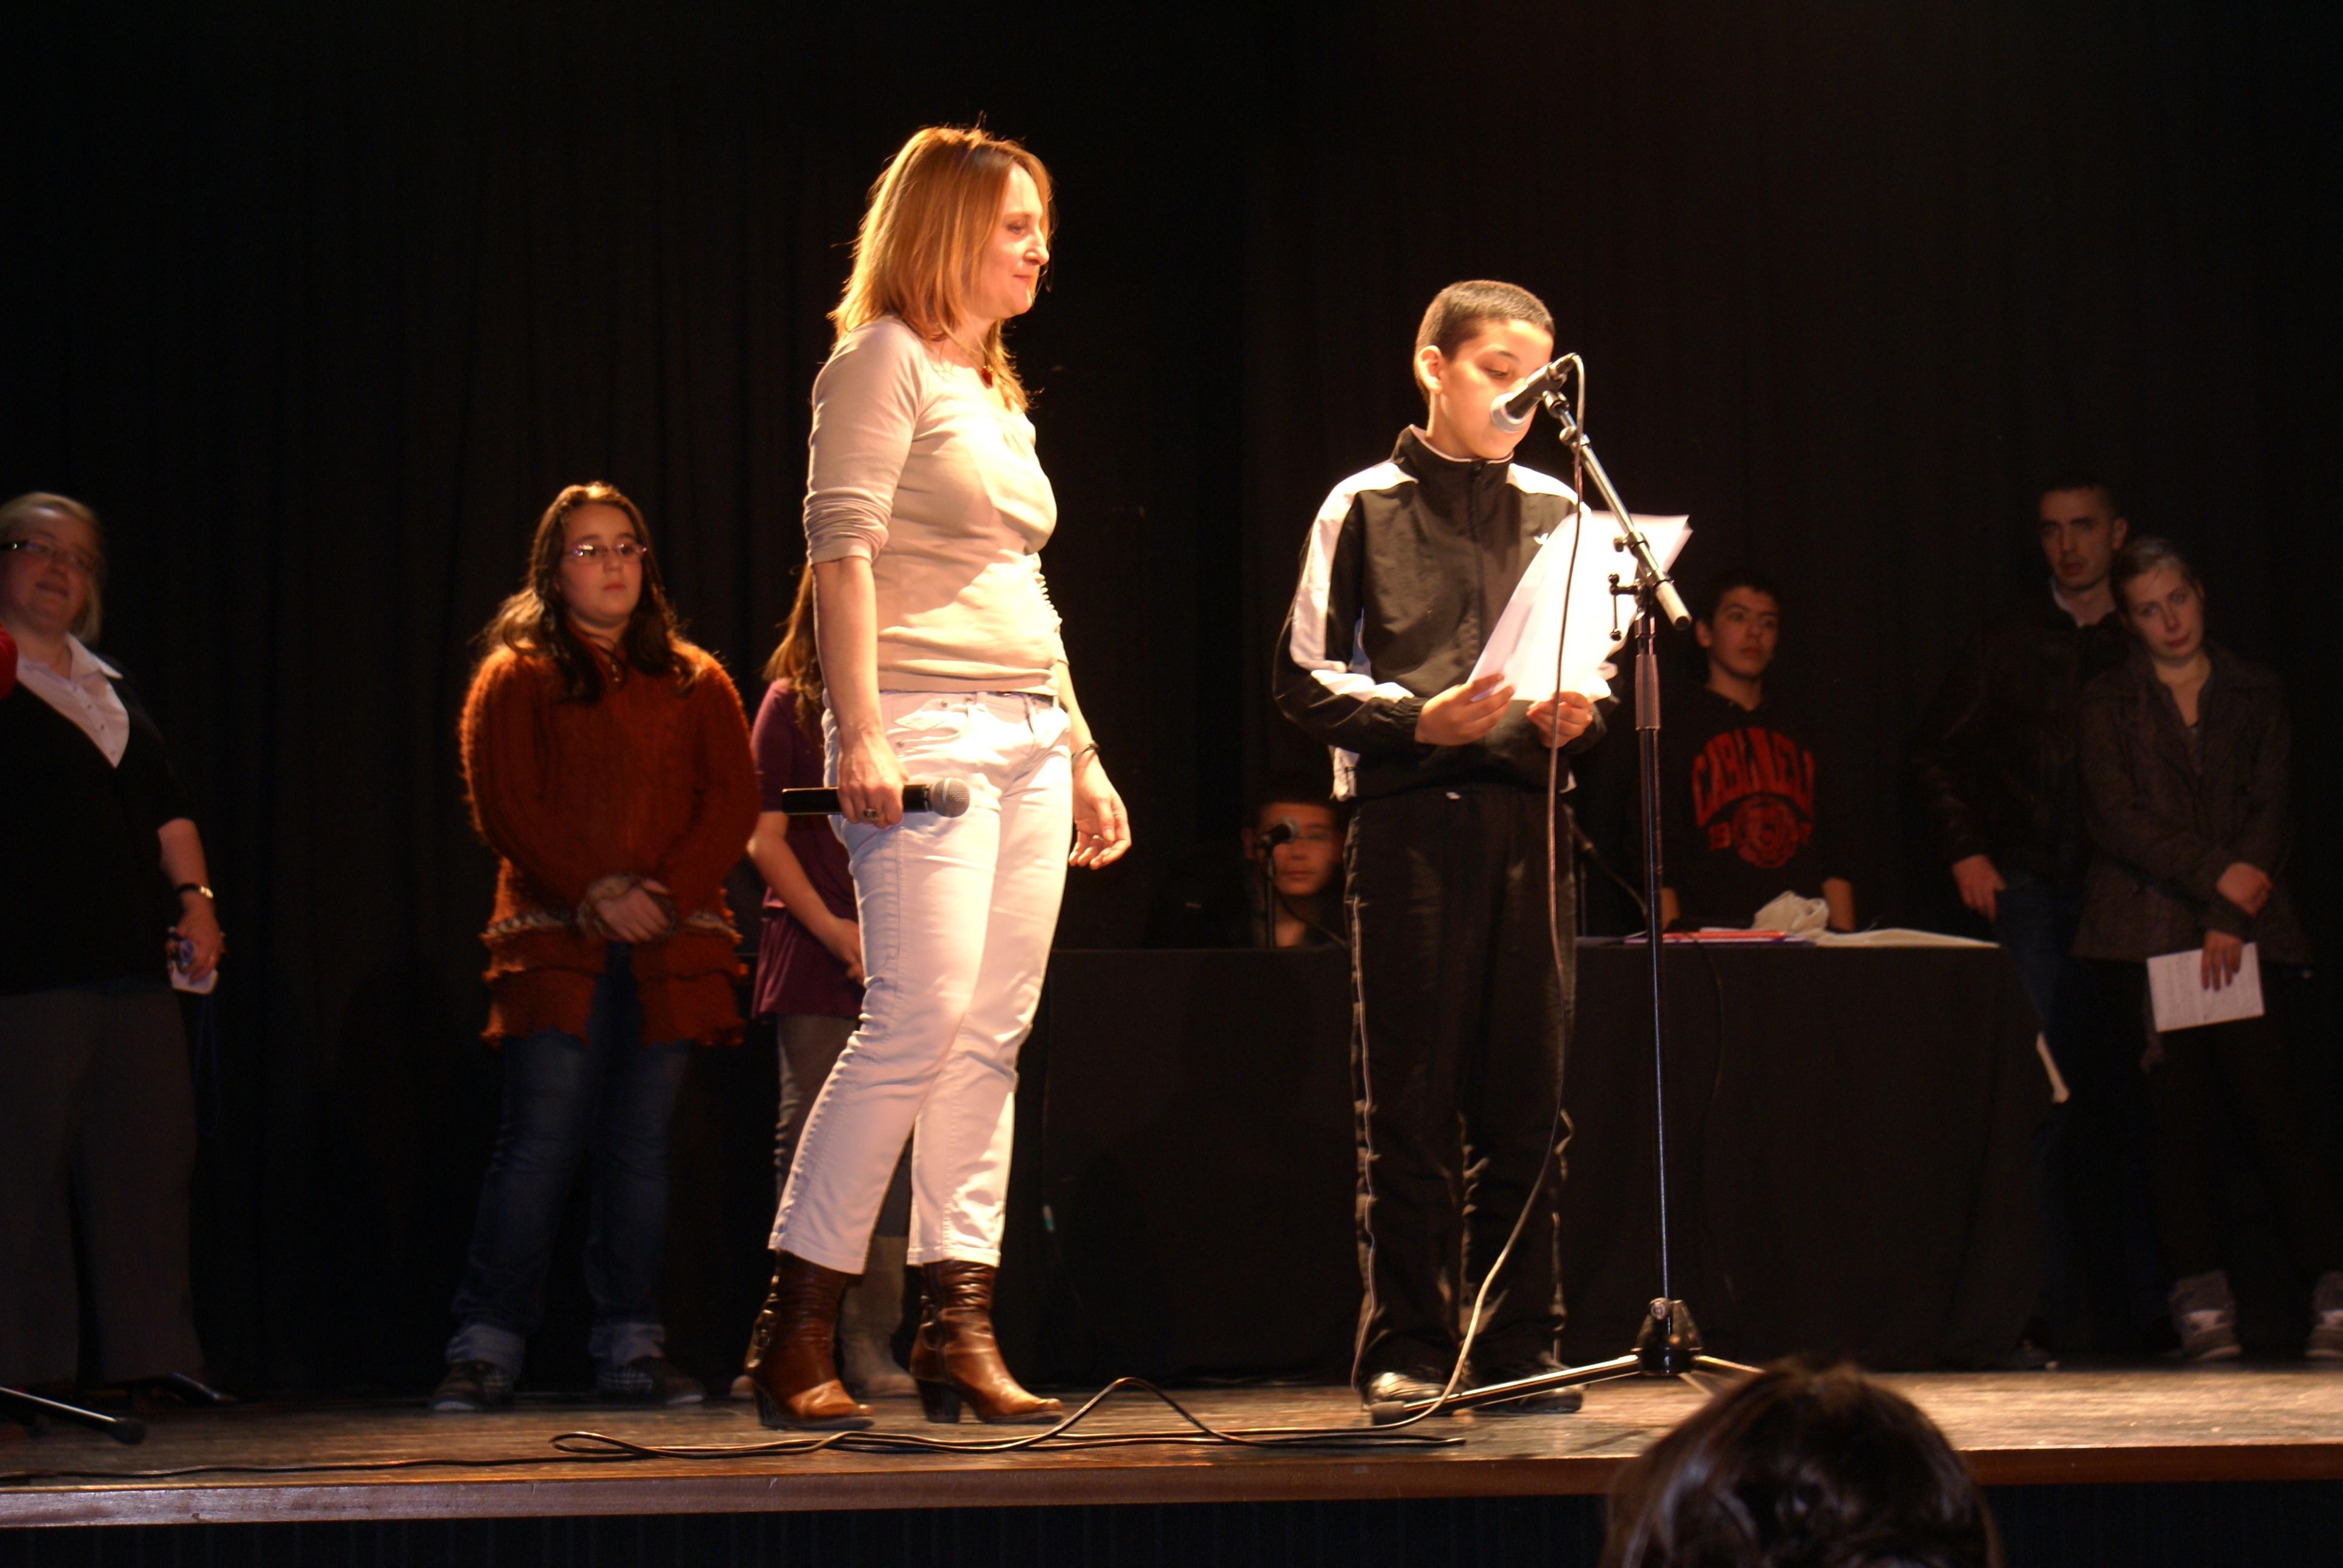 Photo 1 : (DR Ramdam Slam) Eva DT, slammeuse (ici à la Journée Internationale des Droits des Femmes, le 5 mars 2011), a fondé l'association « Ramdam Slam » à Mantes-la-Jolie. Outre ses propres performances, elle a mis en place des ateliers de slam ouverts à tous, quel que soit « le niveau, l'origine, l'âge, le sexe », affirme-t-elle (entretien personnel avec RM). Selon elle, le slam permet de donner la parole aux « sans voix ».